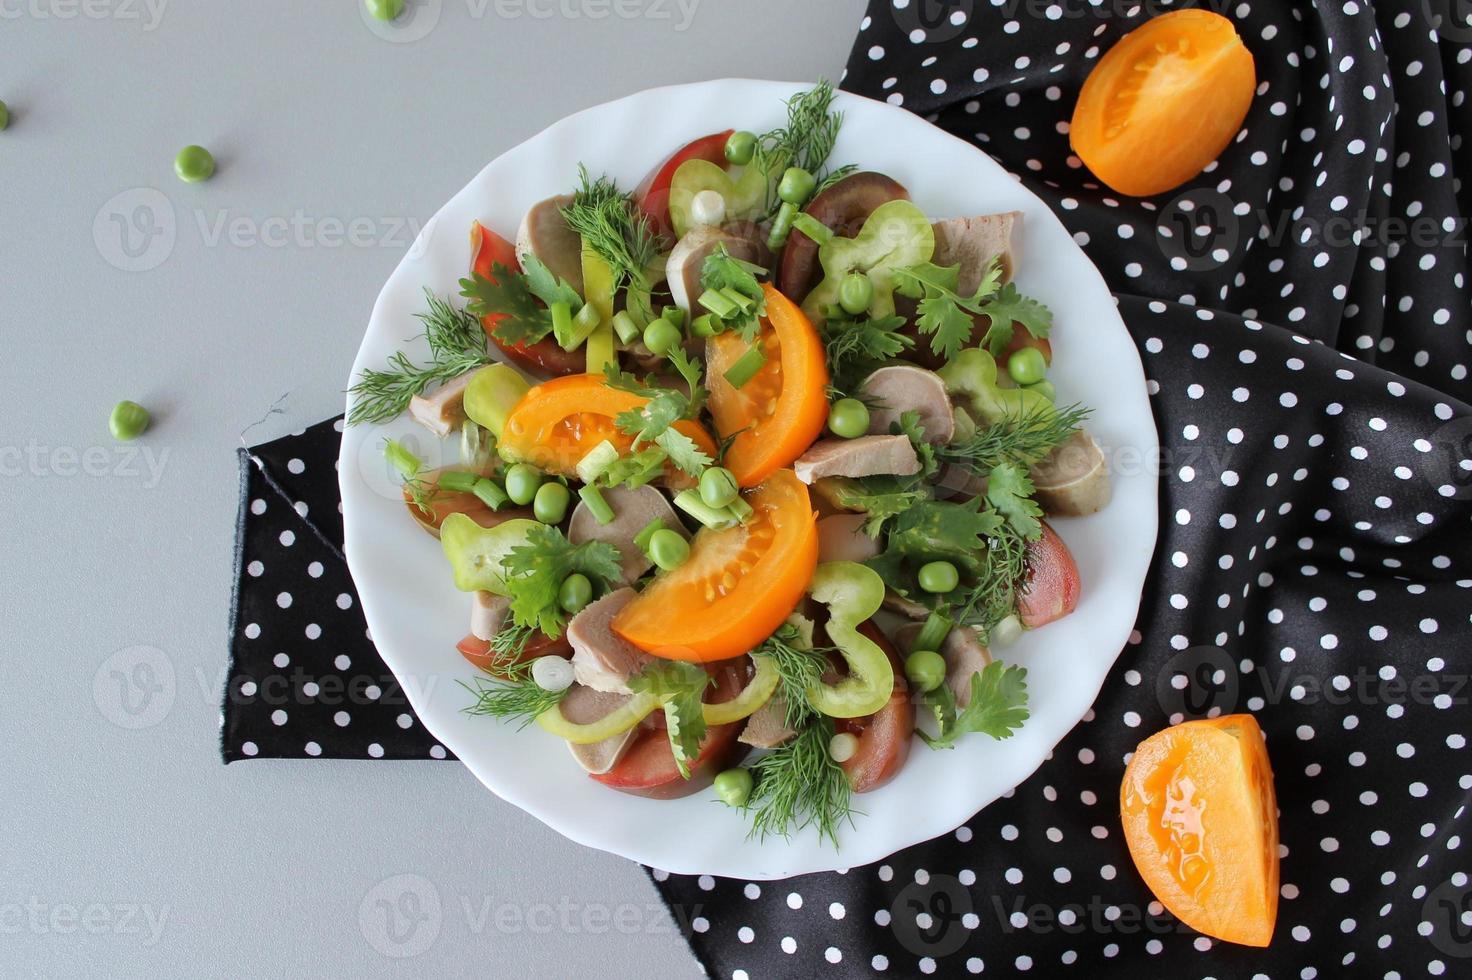 salad with lamb tongue, tomatoes, and balsamic vinegar photo